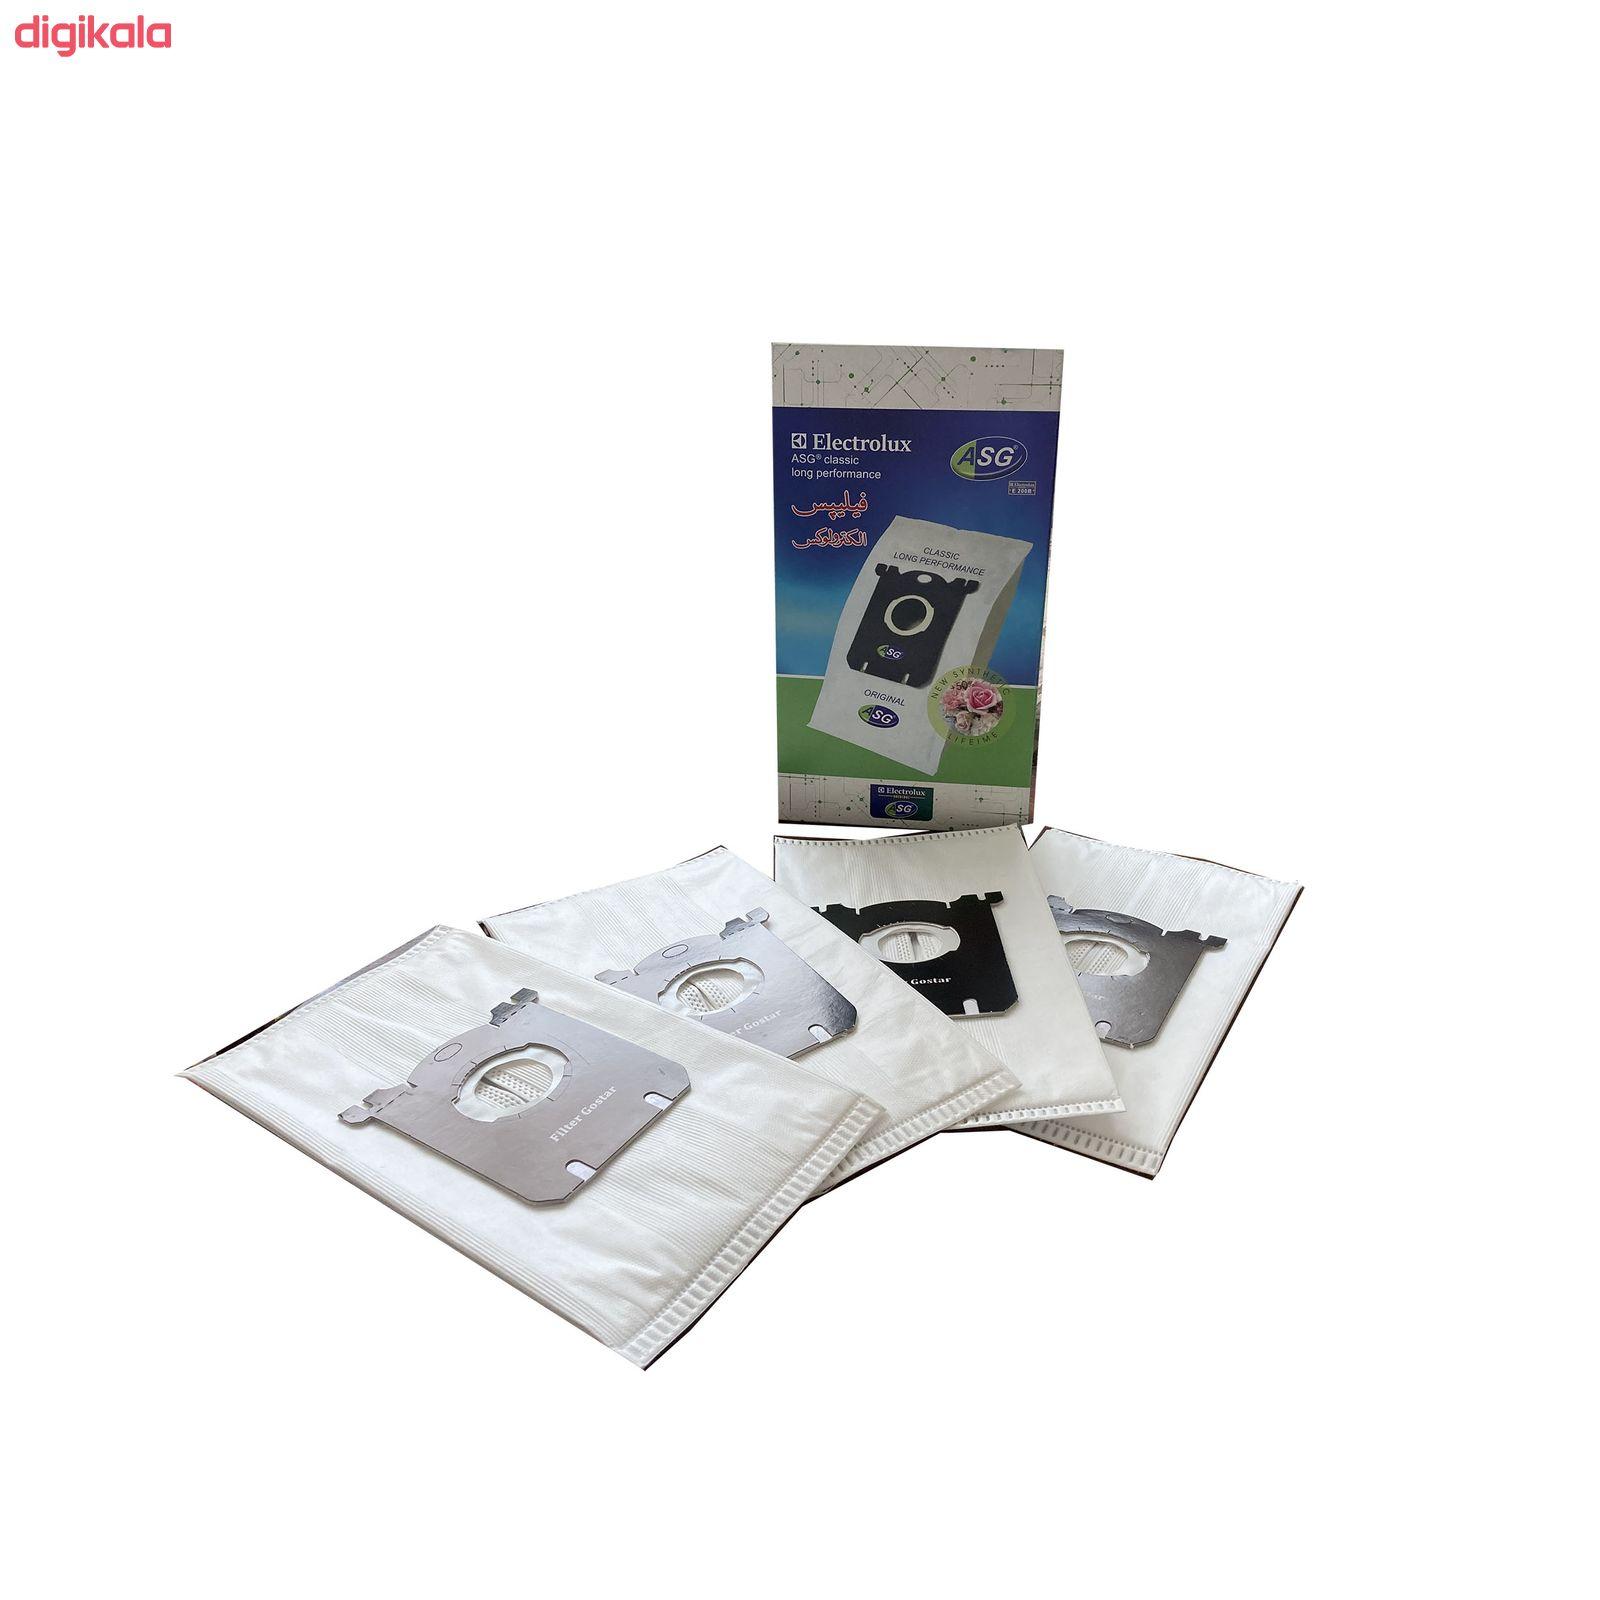 کیسه جاروبرقی اس-بگ مدل ASG کد G2 مناسب انواع جاروبرقی های فیلیپس بسته ۴ عددی main 1 2